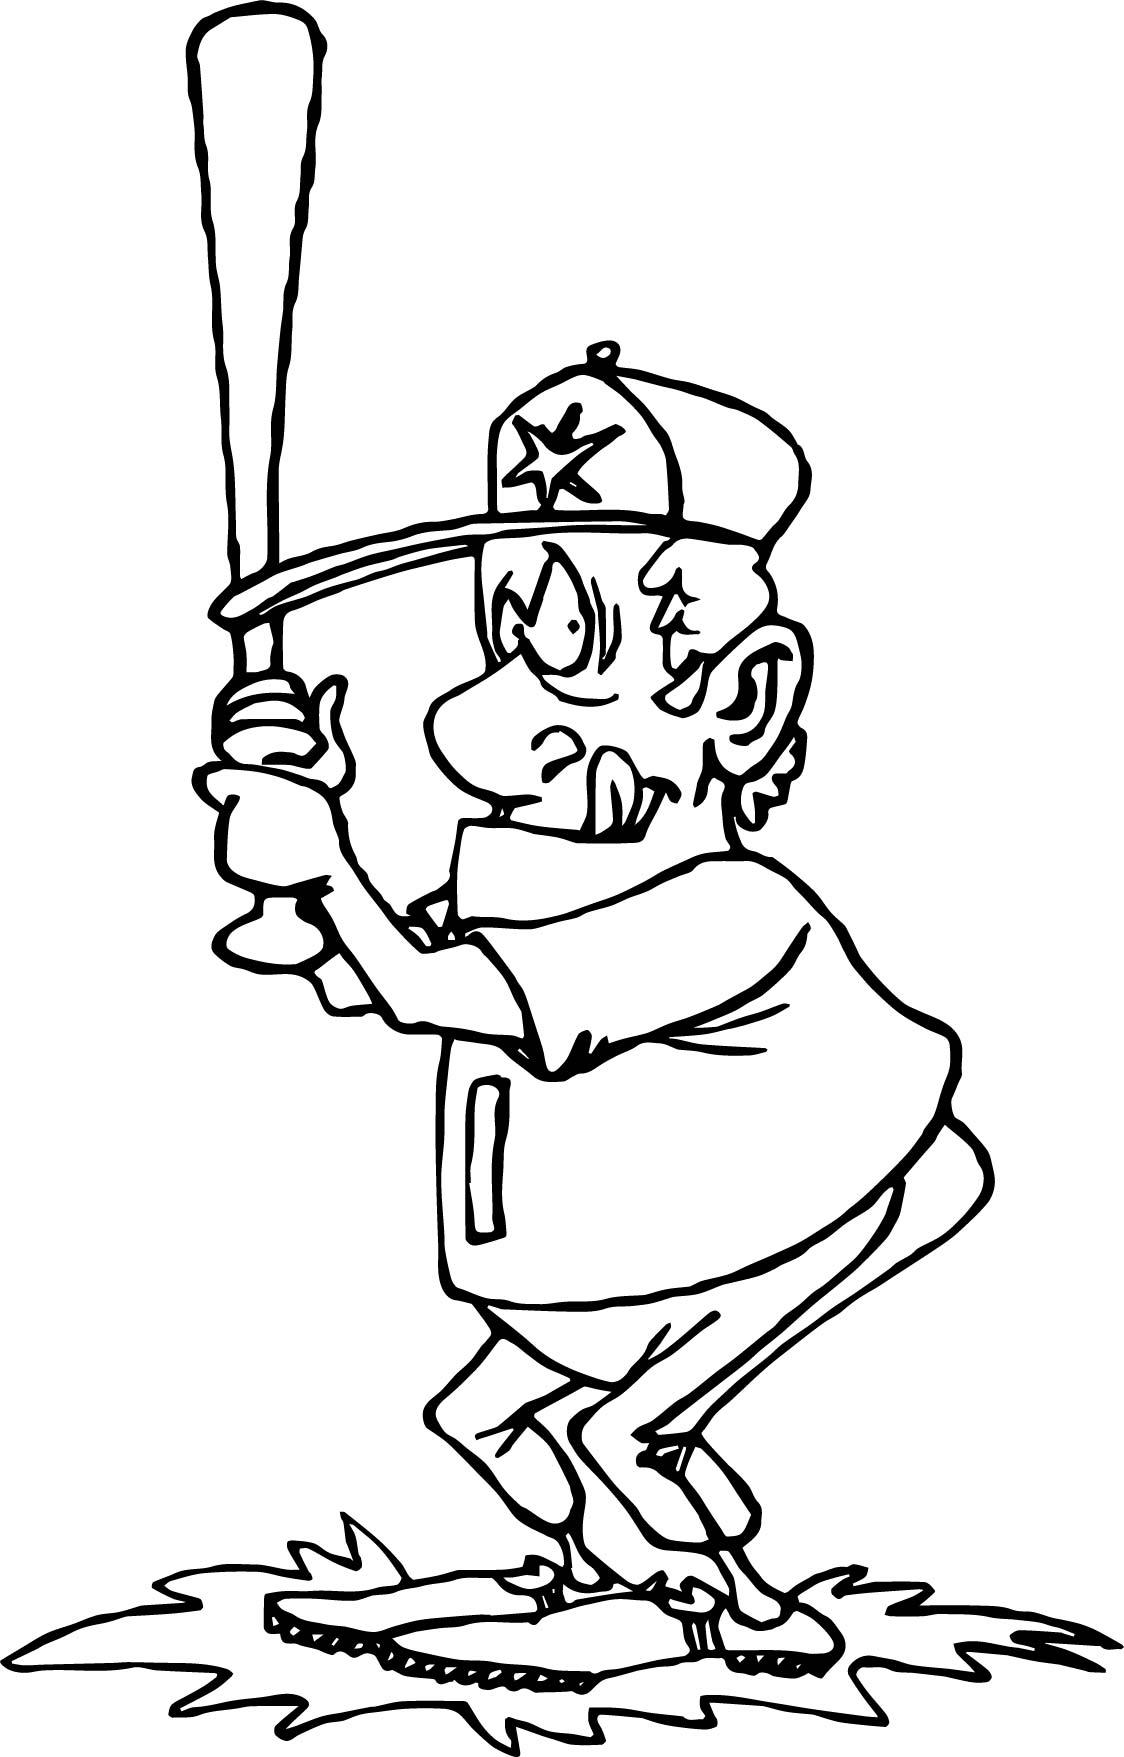 Big Man Playing Baseball Coloring Page